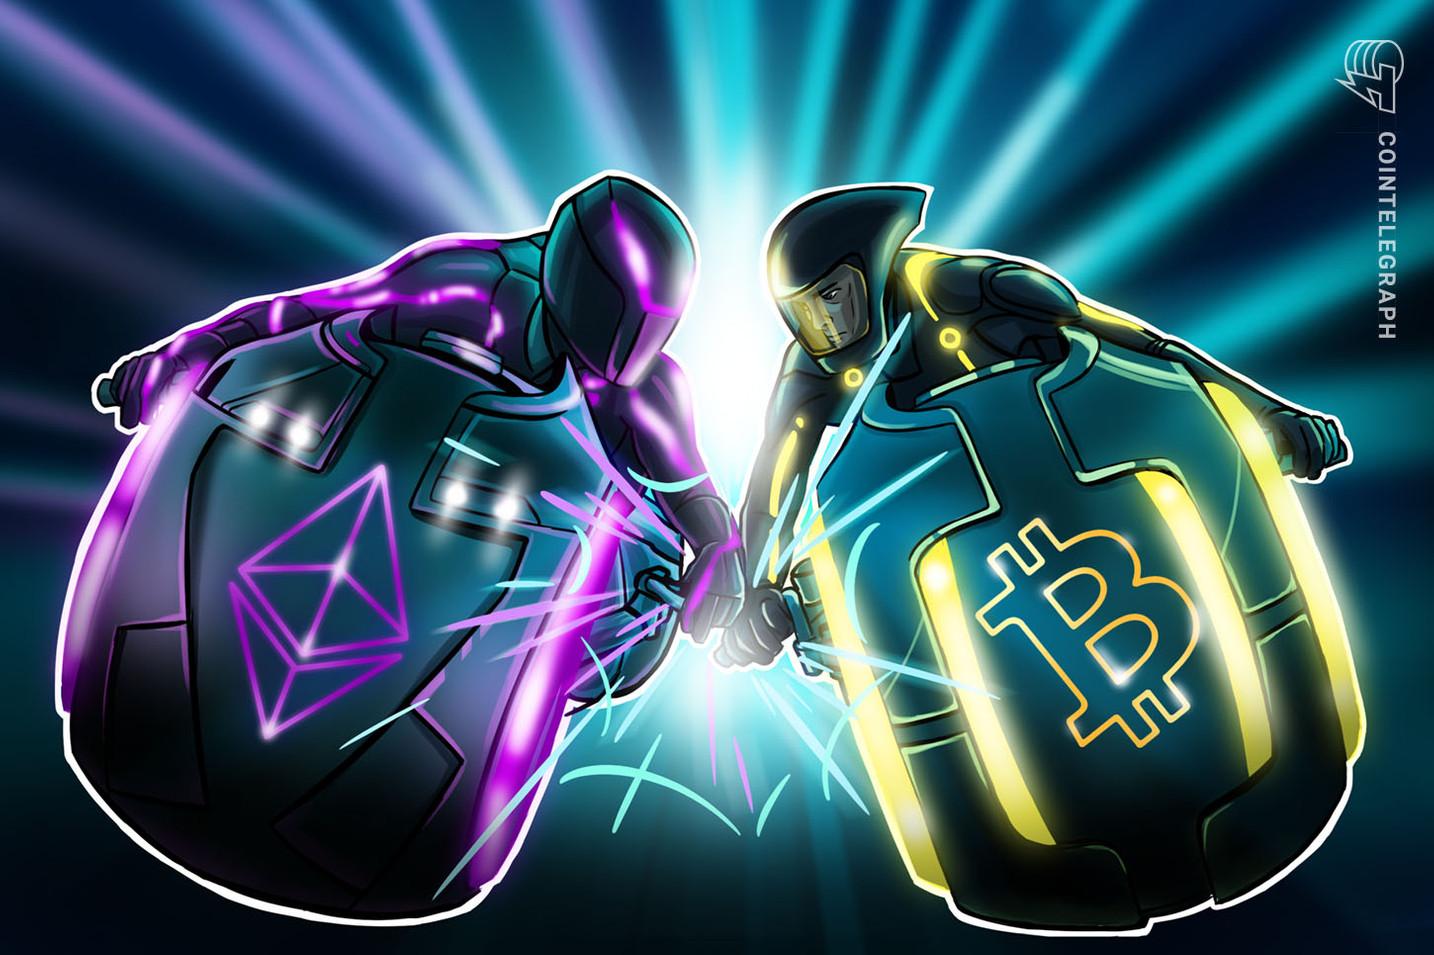 Bitcoin rutscht unter 39.000 US-Dollar, Ethereum im Zweikampf weiter vorne